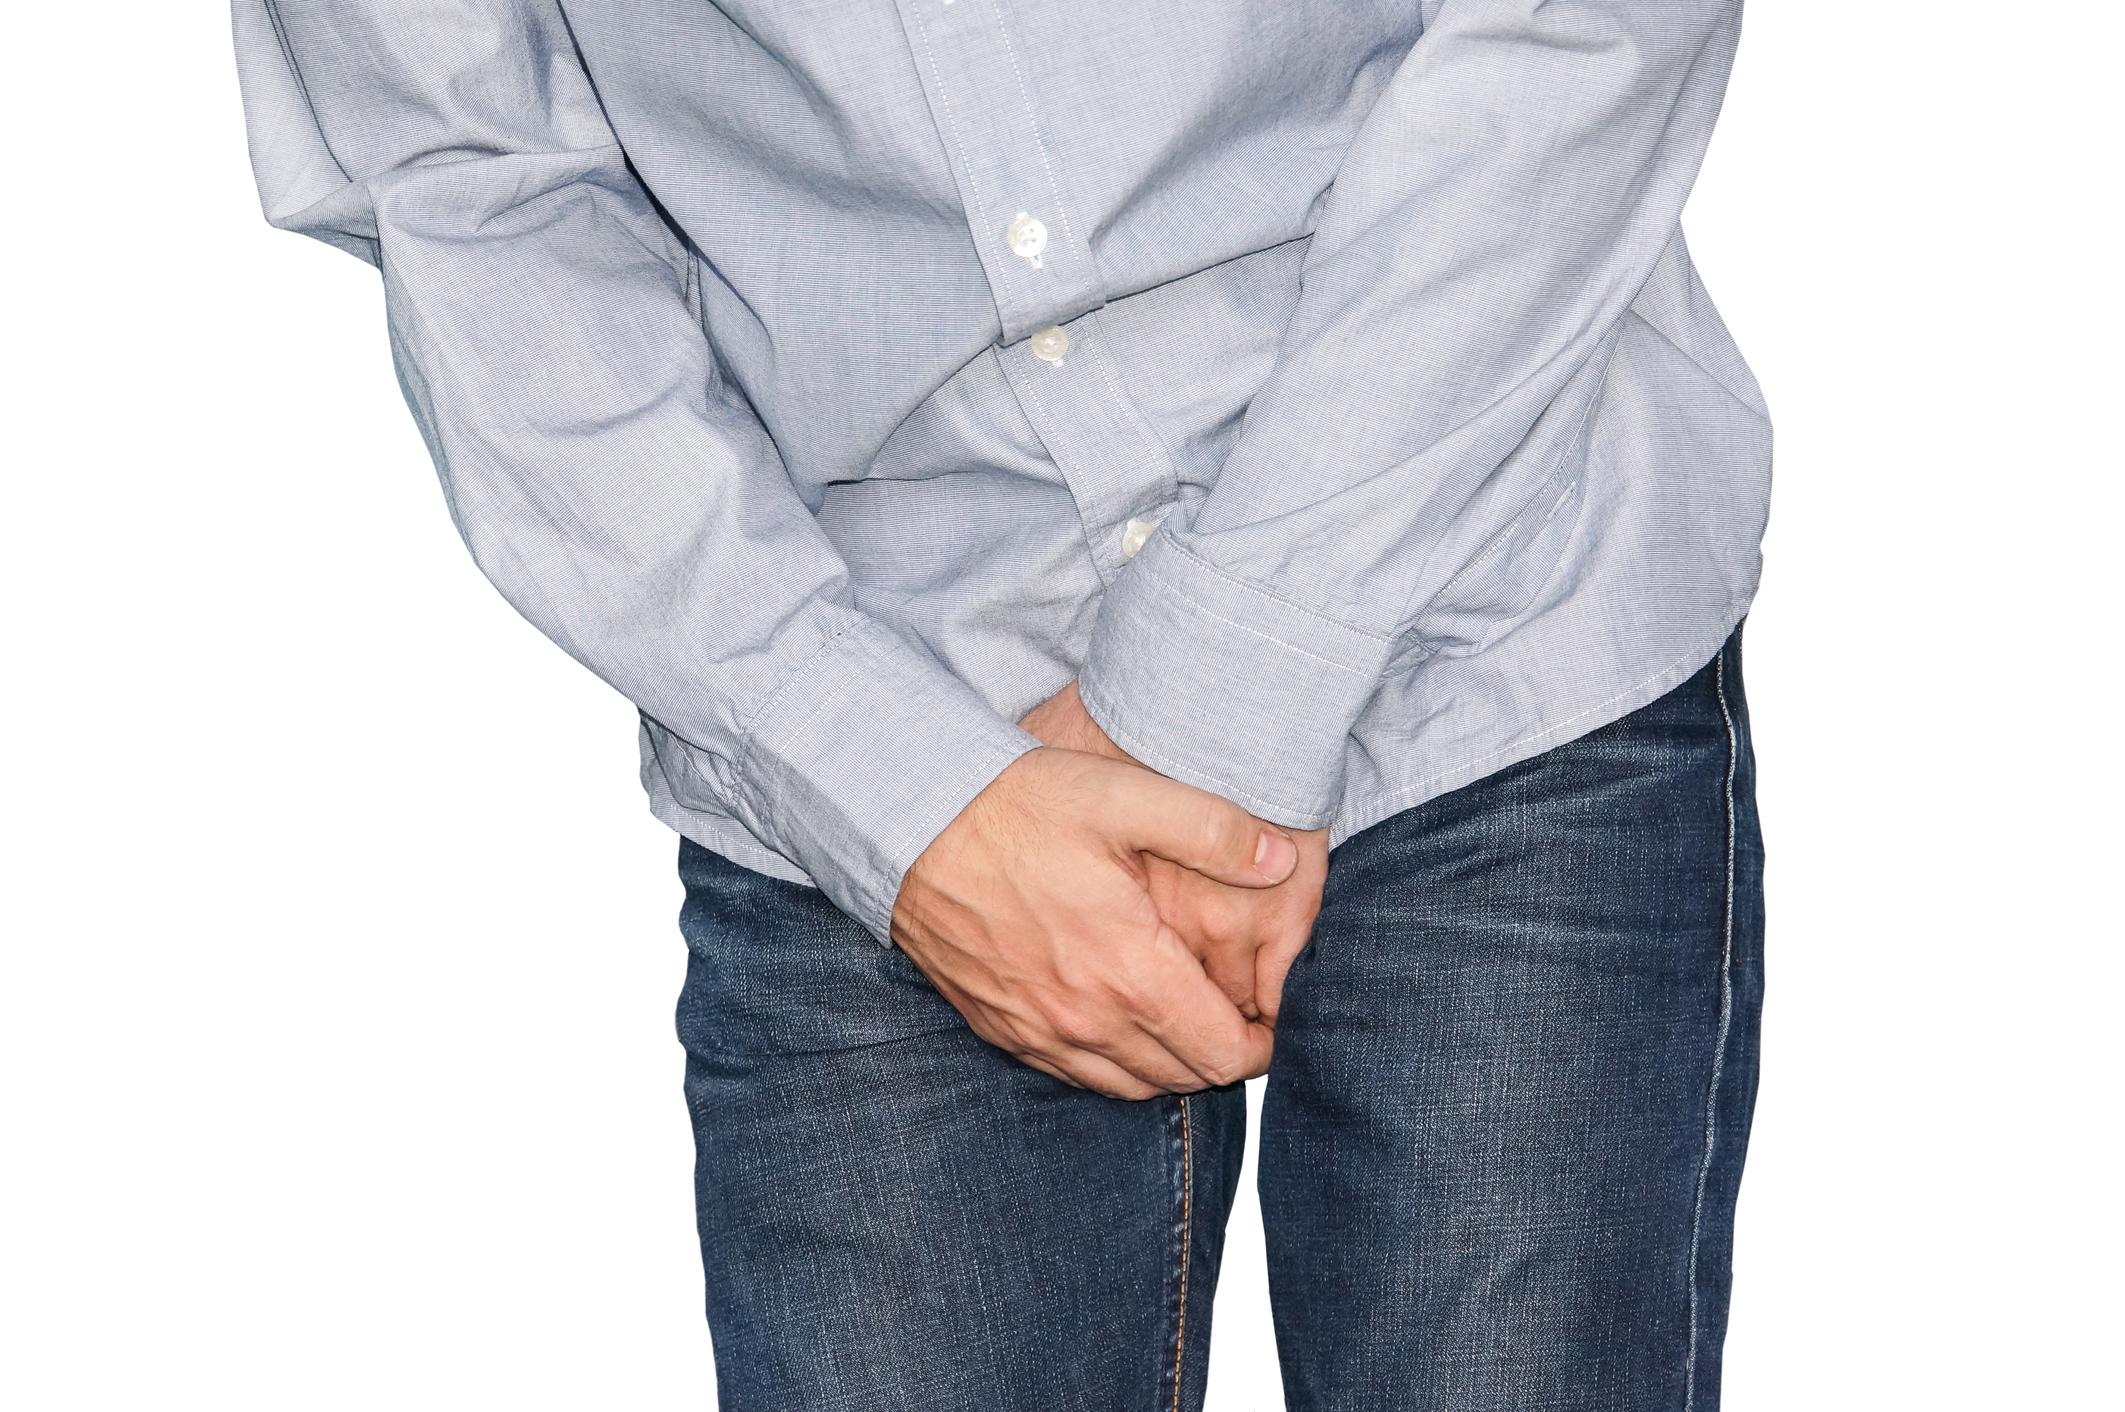 hogyan lehet erősíteni a férj erekcióját